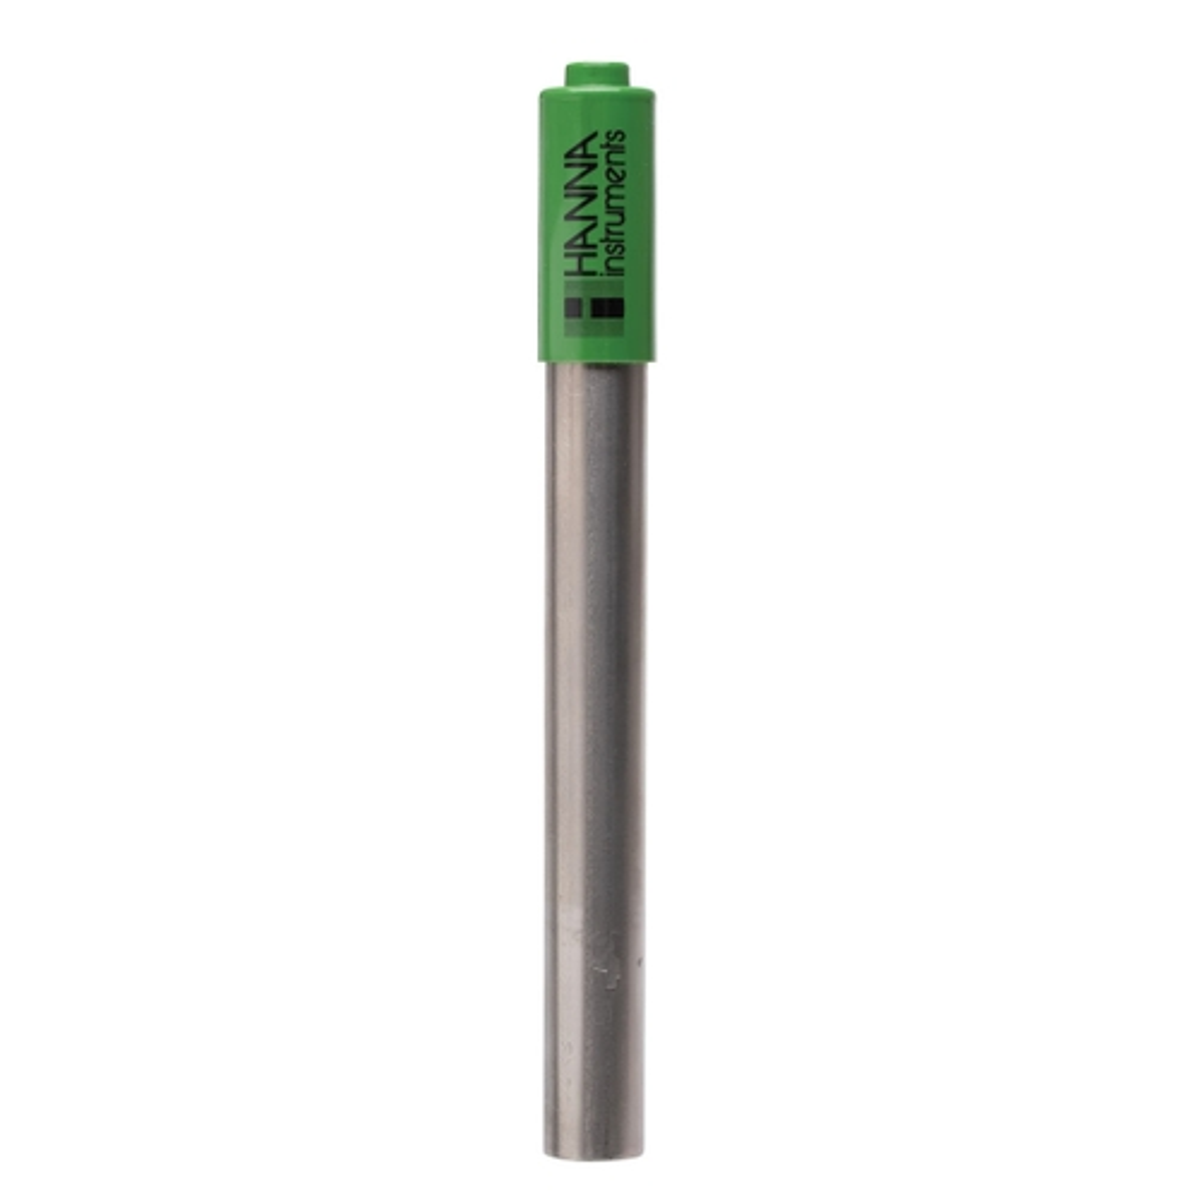 Electrodo de pH con Cuerpo de Titanio para Calderas y Torres de Enfriamiento con Conector DIN - HI729113